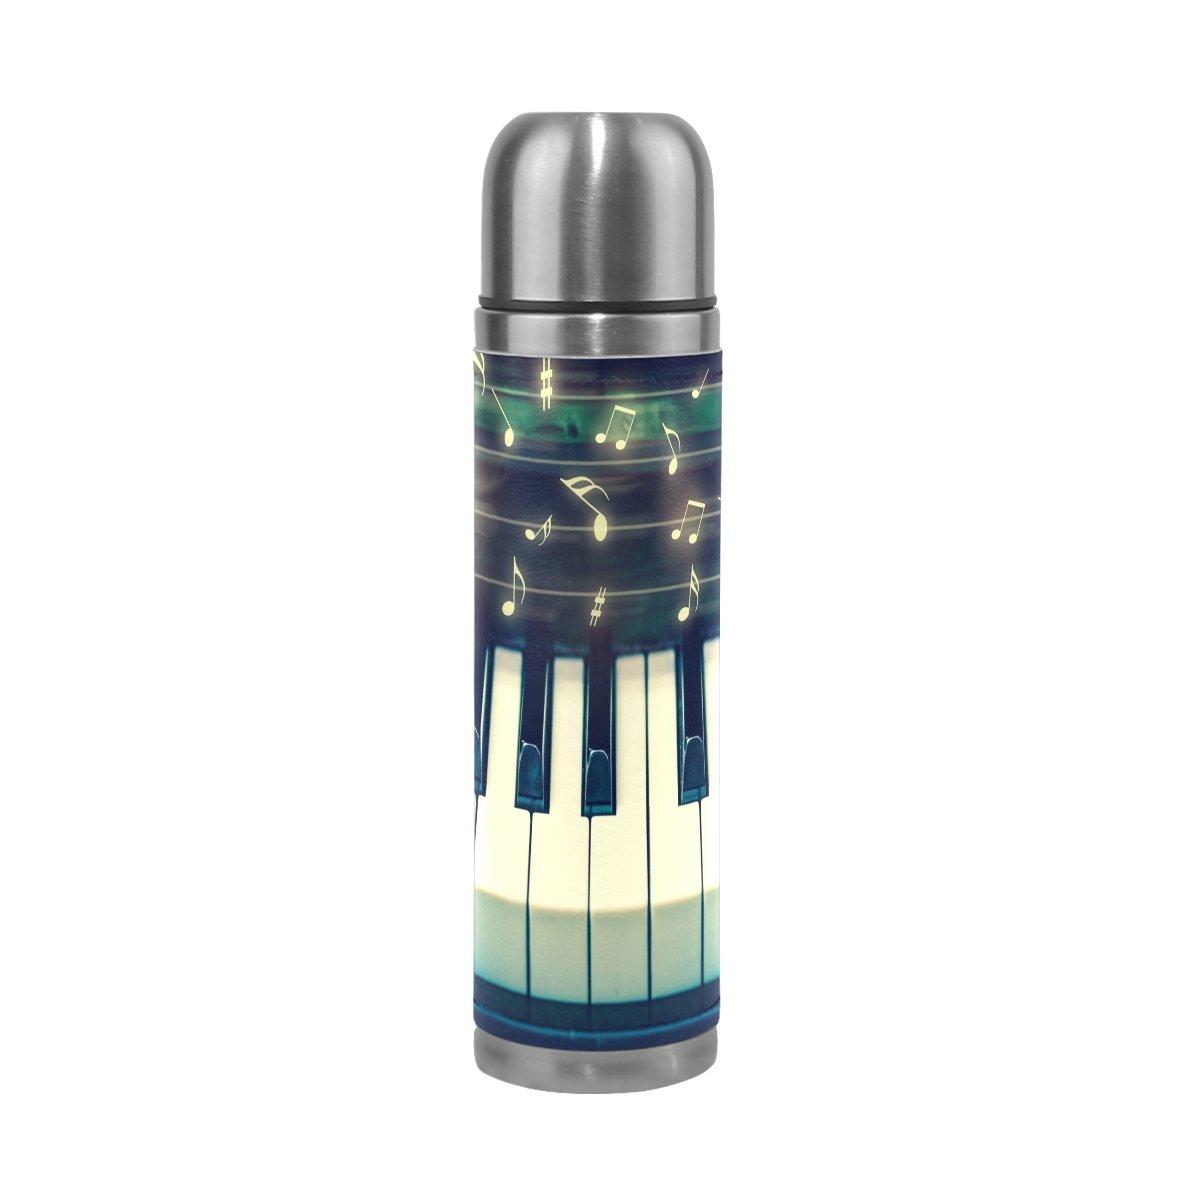 Alazaキーボードのピアノ音楽水ボトルステンレス鋼二重壁真空Insulatied Thermos Flaskリークプルーフ旅行コーヒーマグ本革カバー17 oz B075HRWBTJ